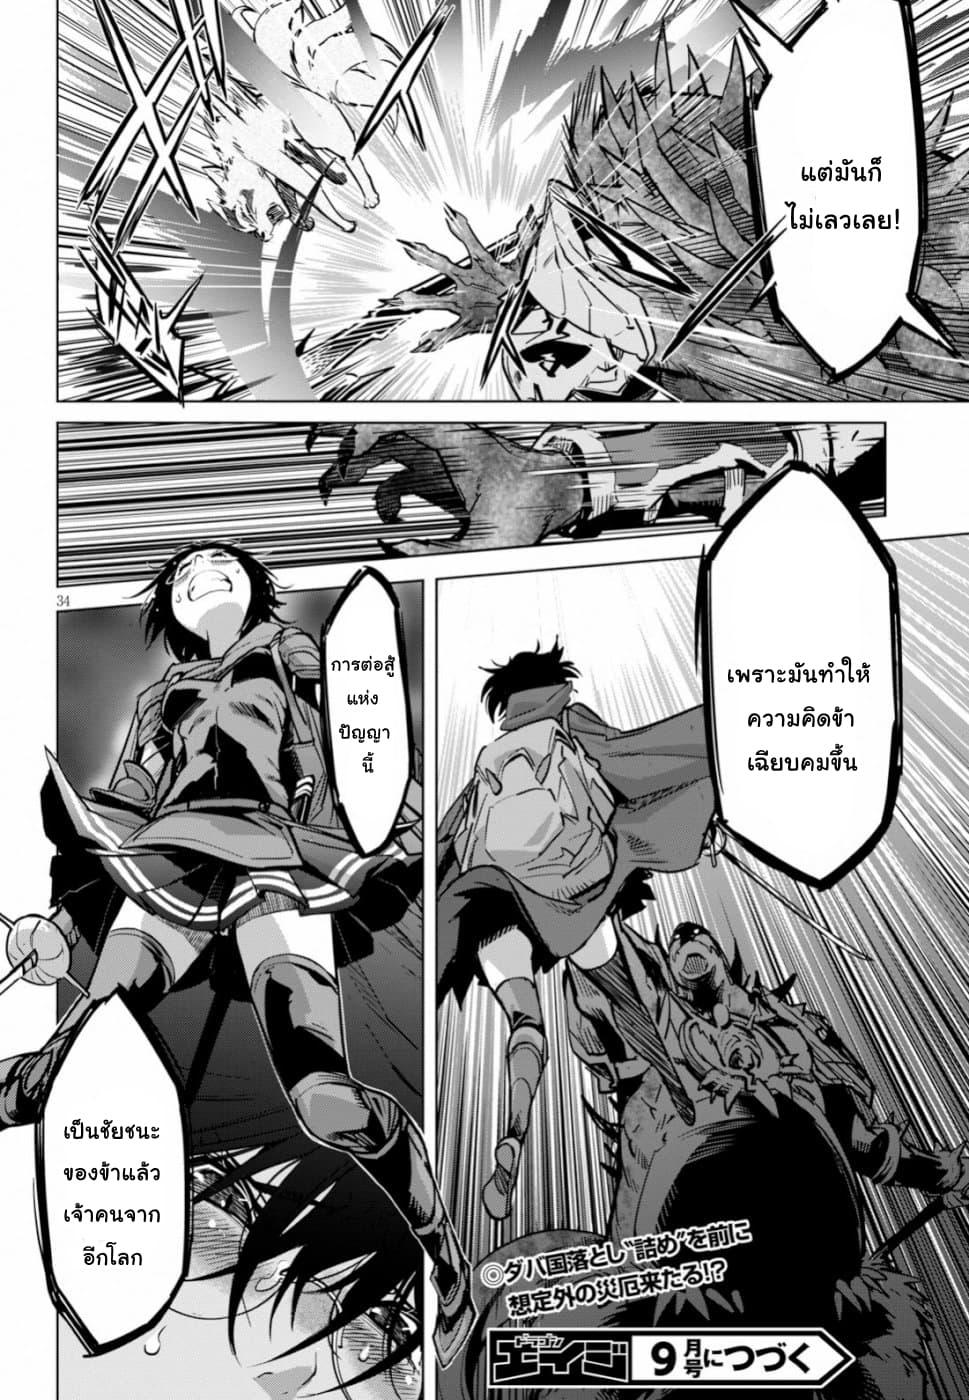 อ่านการ์ตูน Game obu Familia - Family Senki ตอนที่ 15 หน้าที่ 33